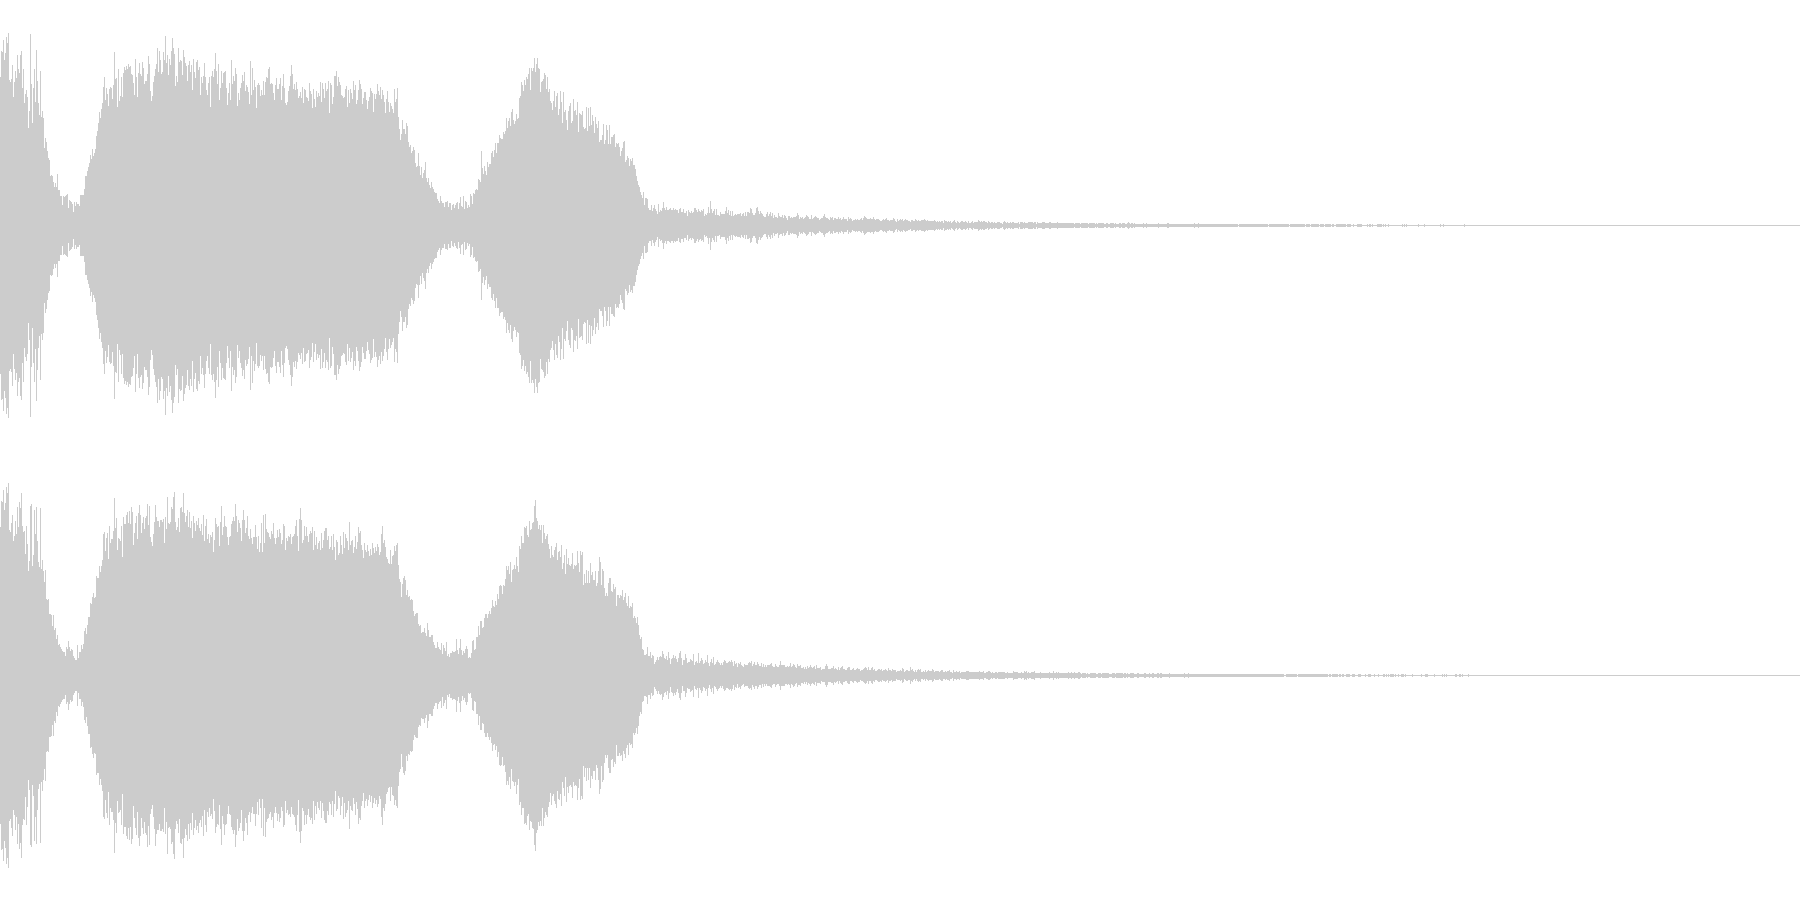 DJFX ヒットチャート発表前SE 17の未再生の波形